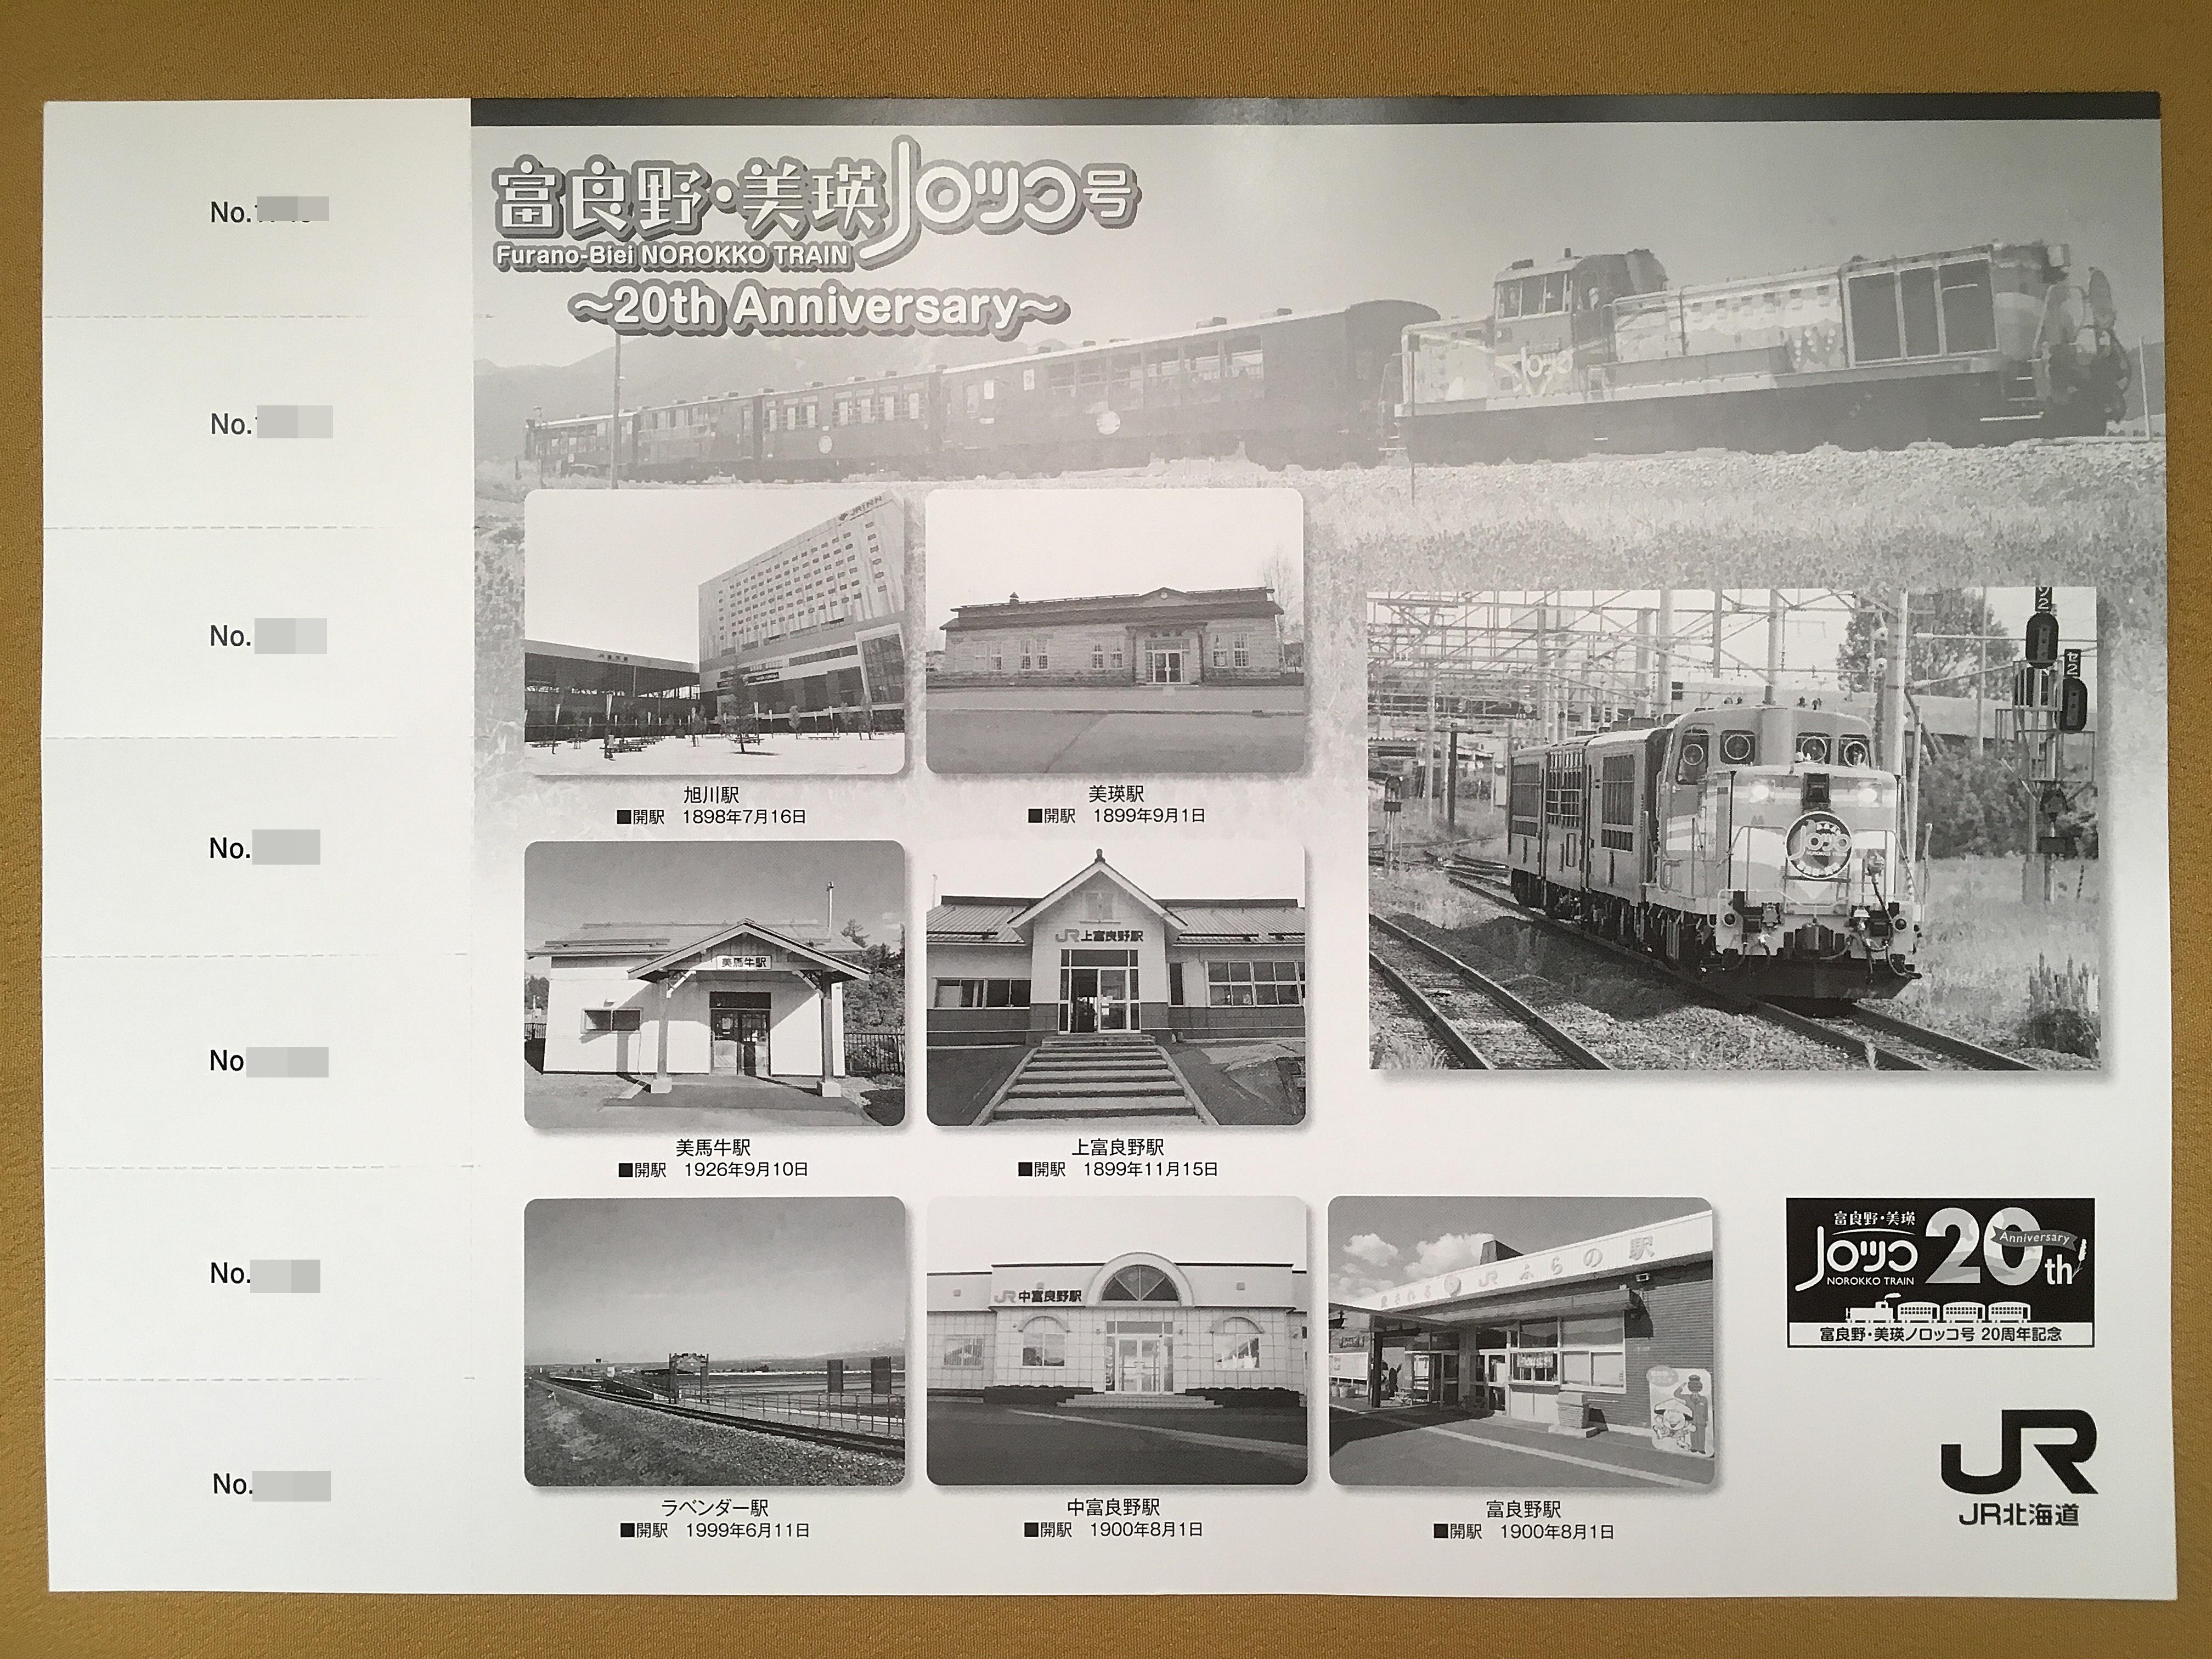 富良野・美瑛ノロッコ号 運行20周年記念入場券 裏.JPG